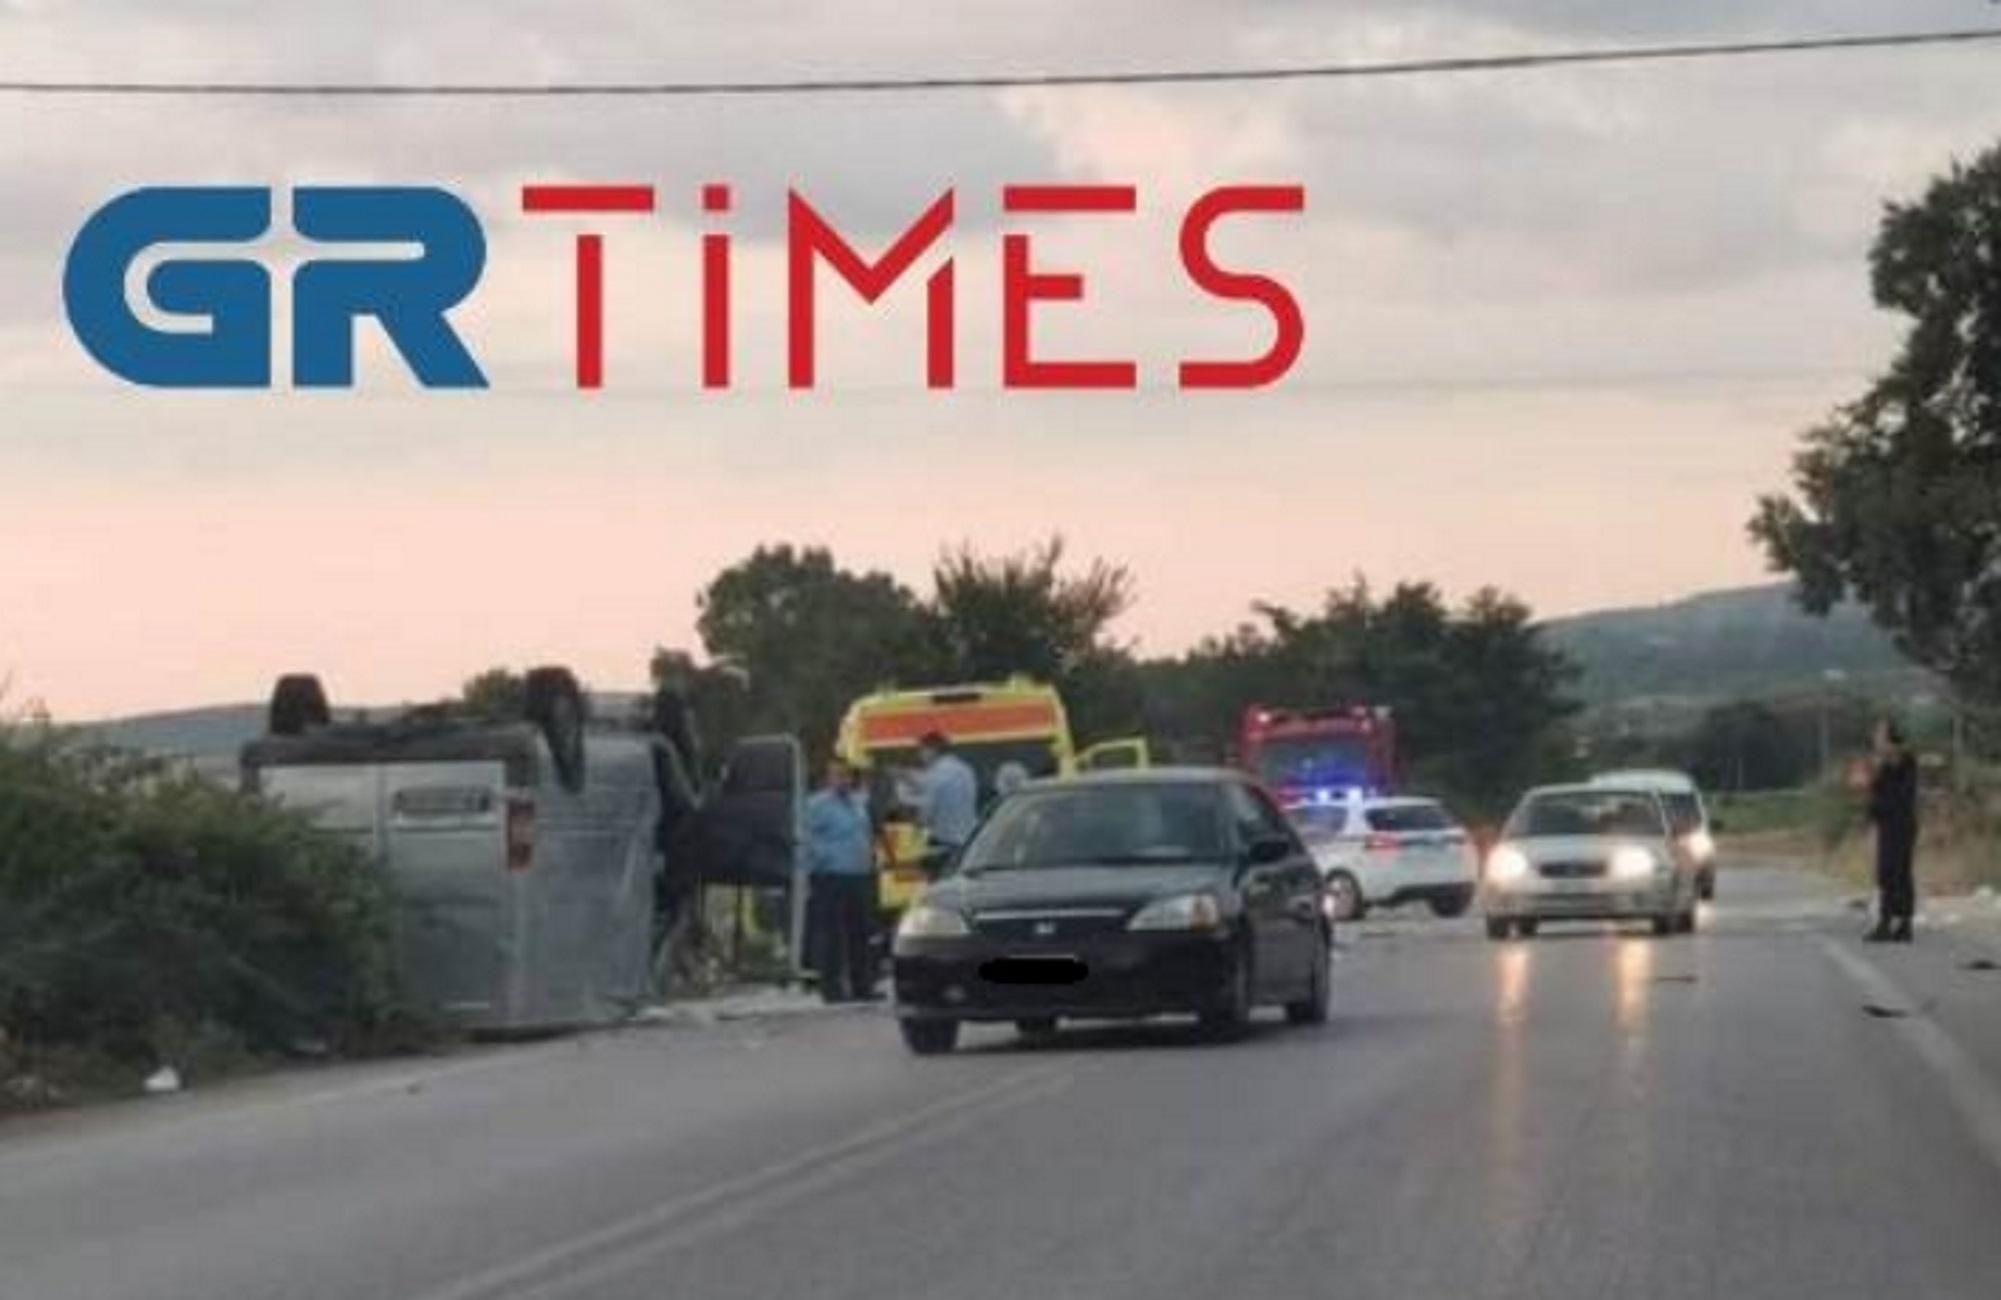 Θεσσαλονίκη: Δύο νεκροί σε τροχαίο – Αυτοψία στο σημείο που συγκρούστηκε τρακτέρ με φορτηγάκι